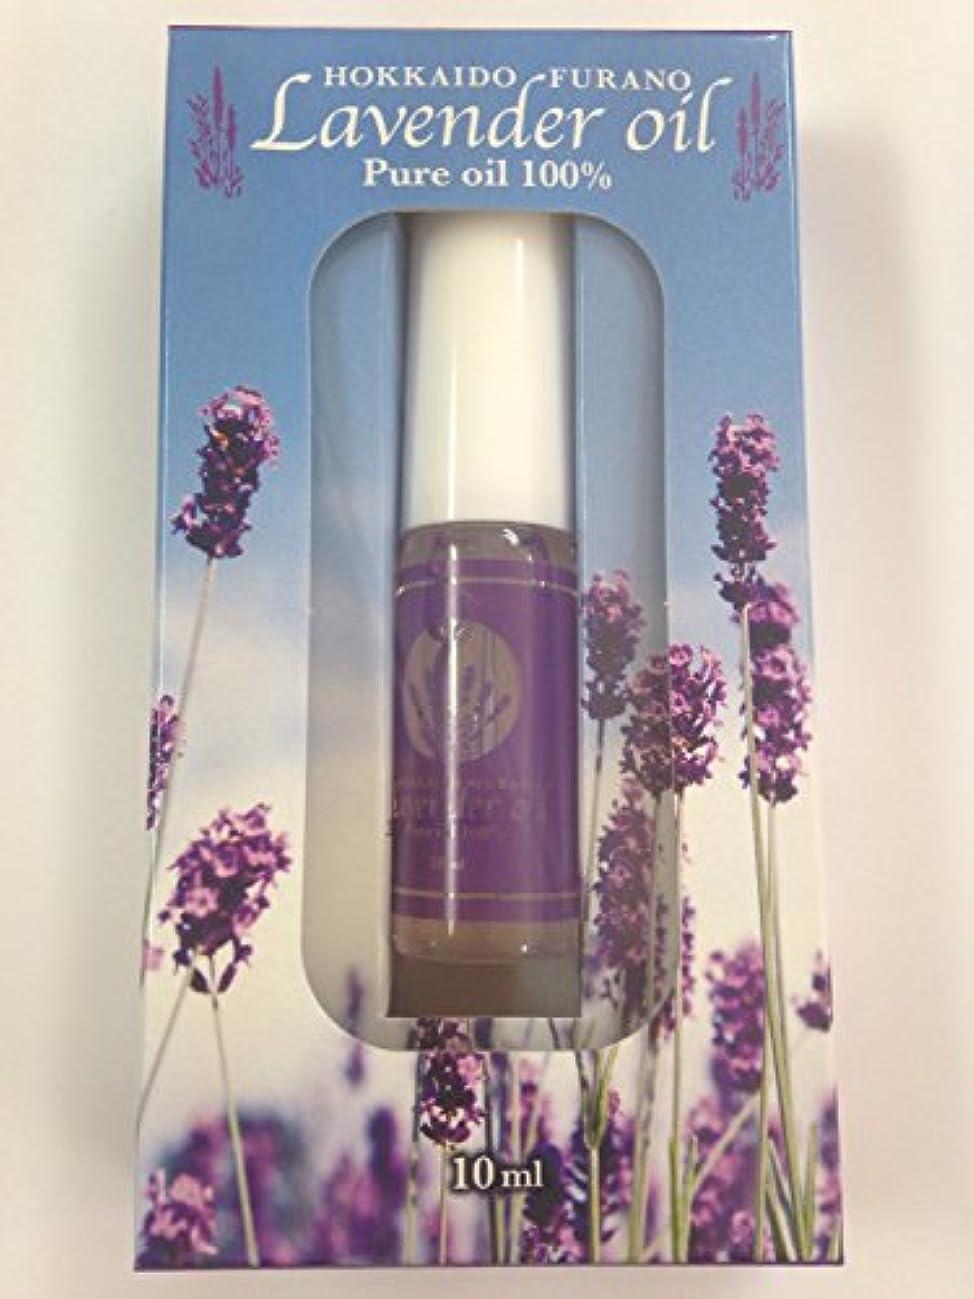 リスト頑張るむちゃくちゃ北海道◆ラベンダー天然精油100%?10ml<水蒸気蒸留法>Lavender oil